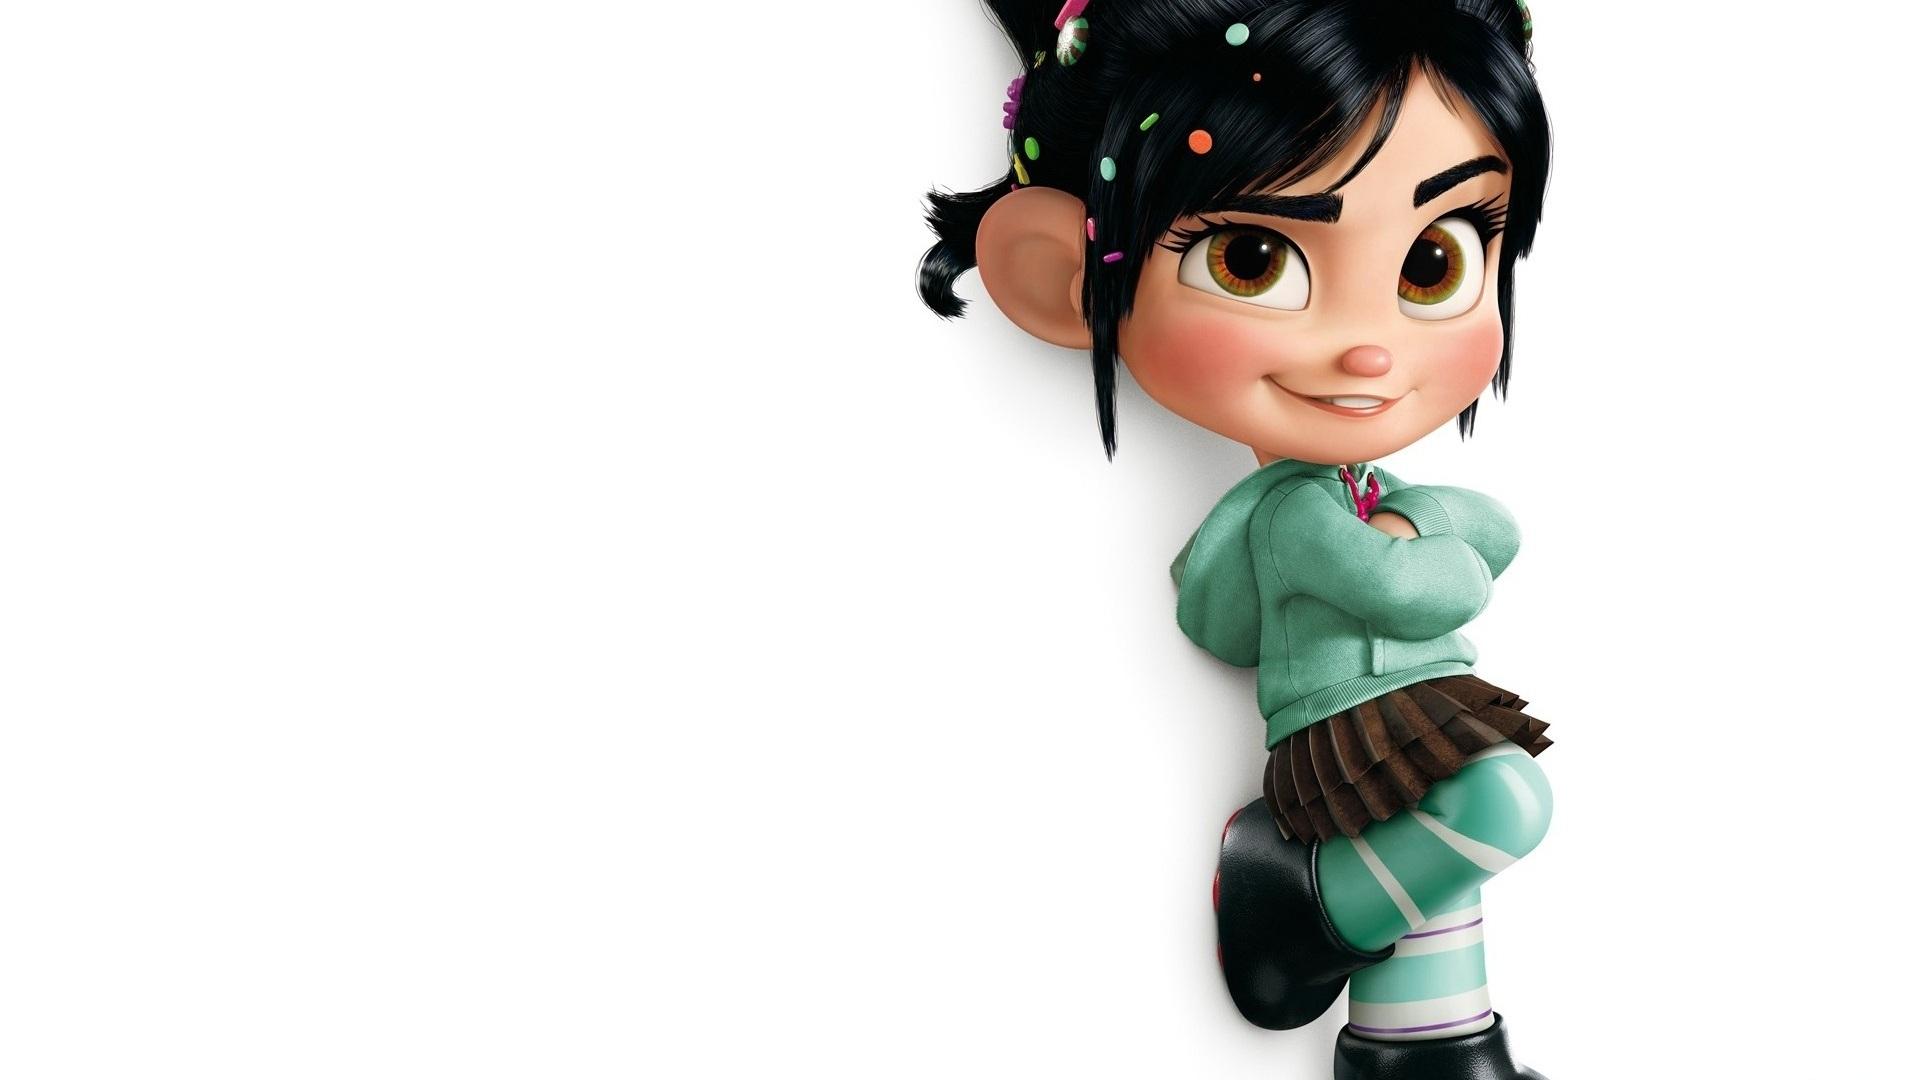 Vanellope Von Schweetz Fkm Enough Fan Made Information To Fill Disney Castle S Broom Closet